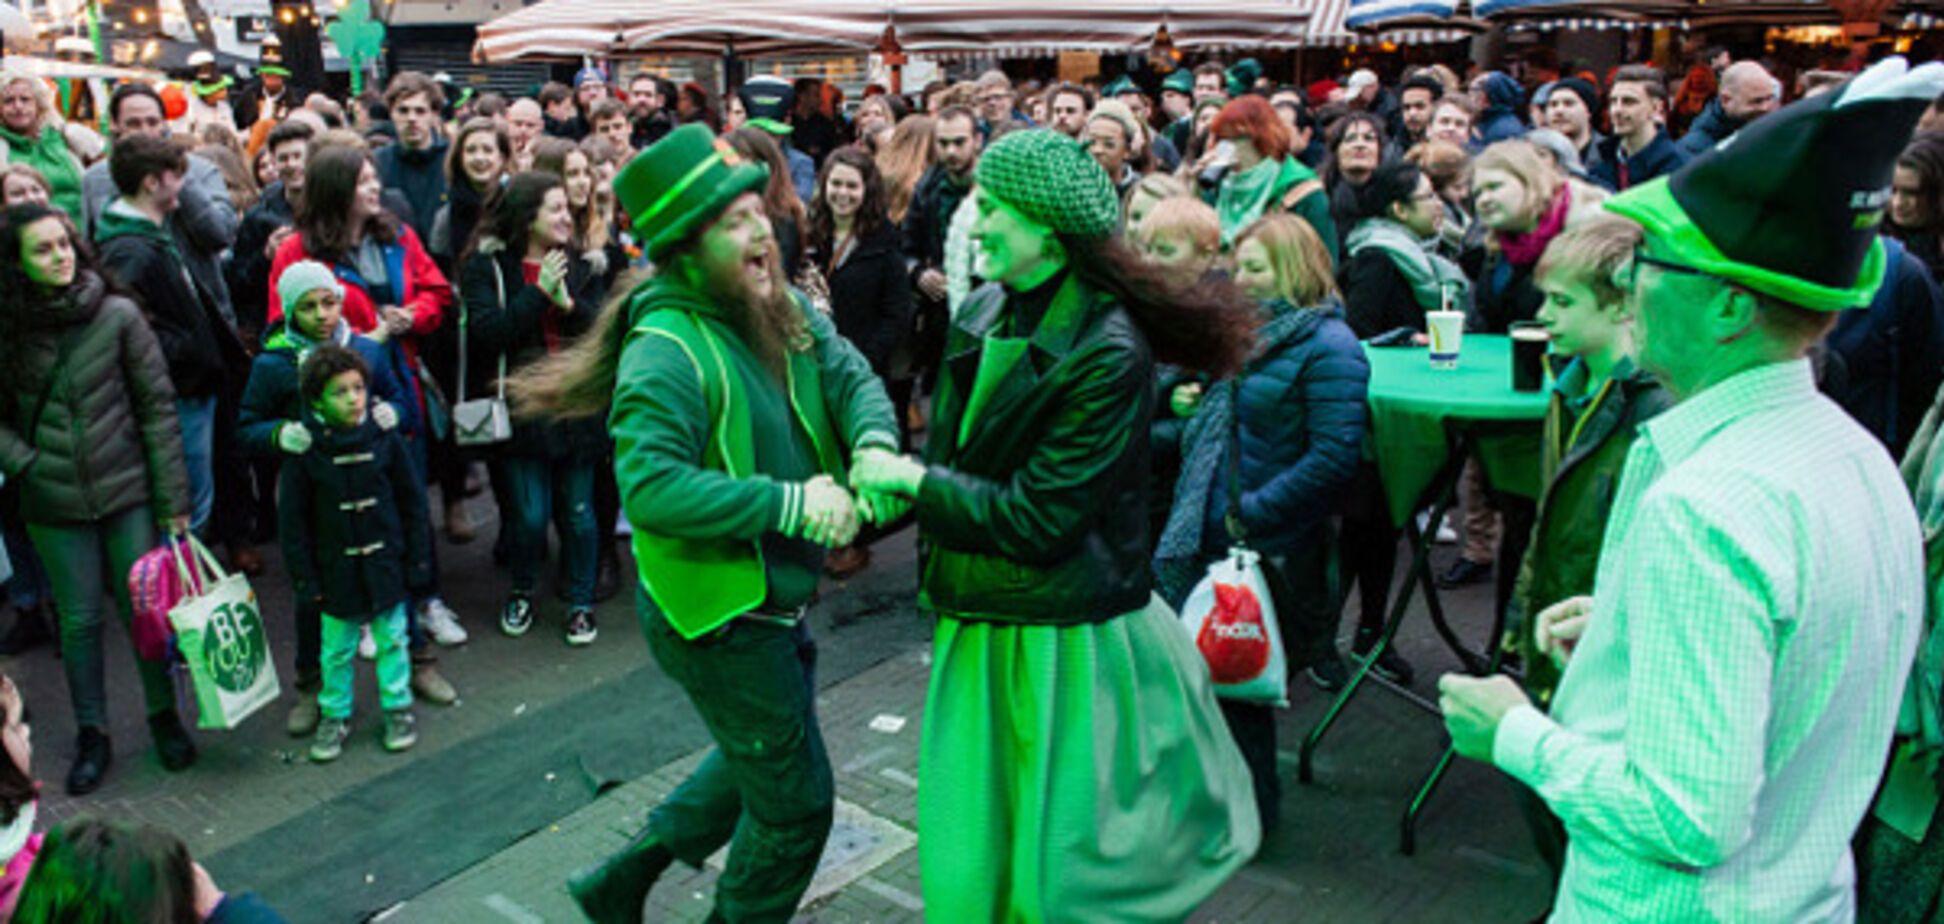 День святого Патрика в Нидерландах